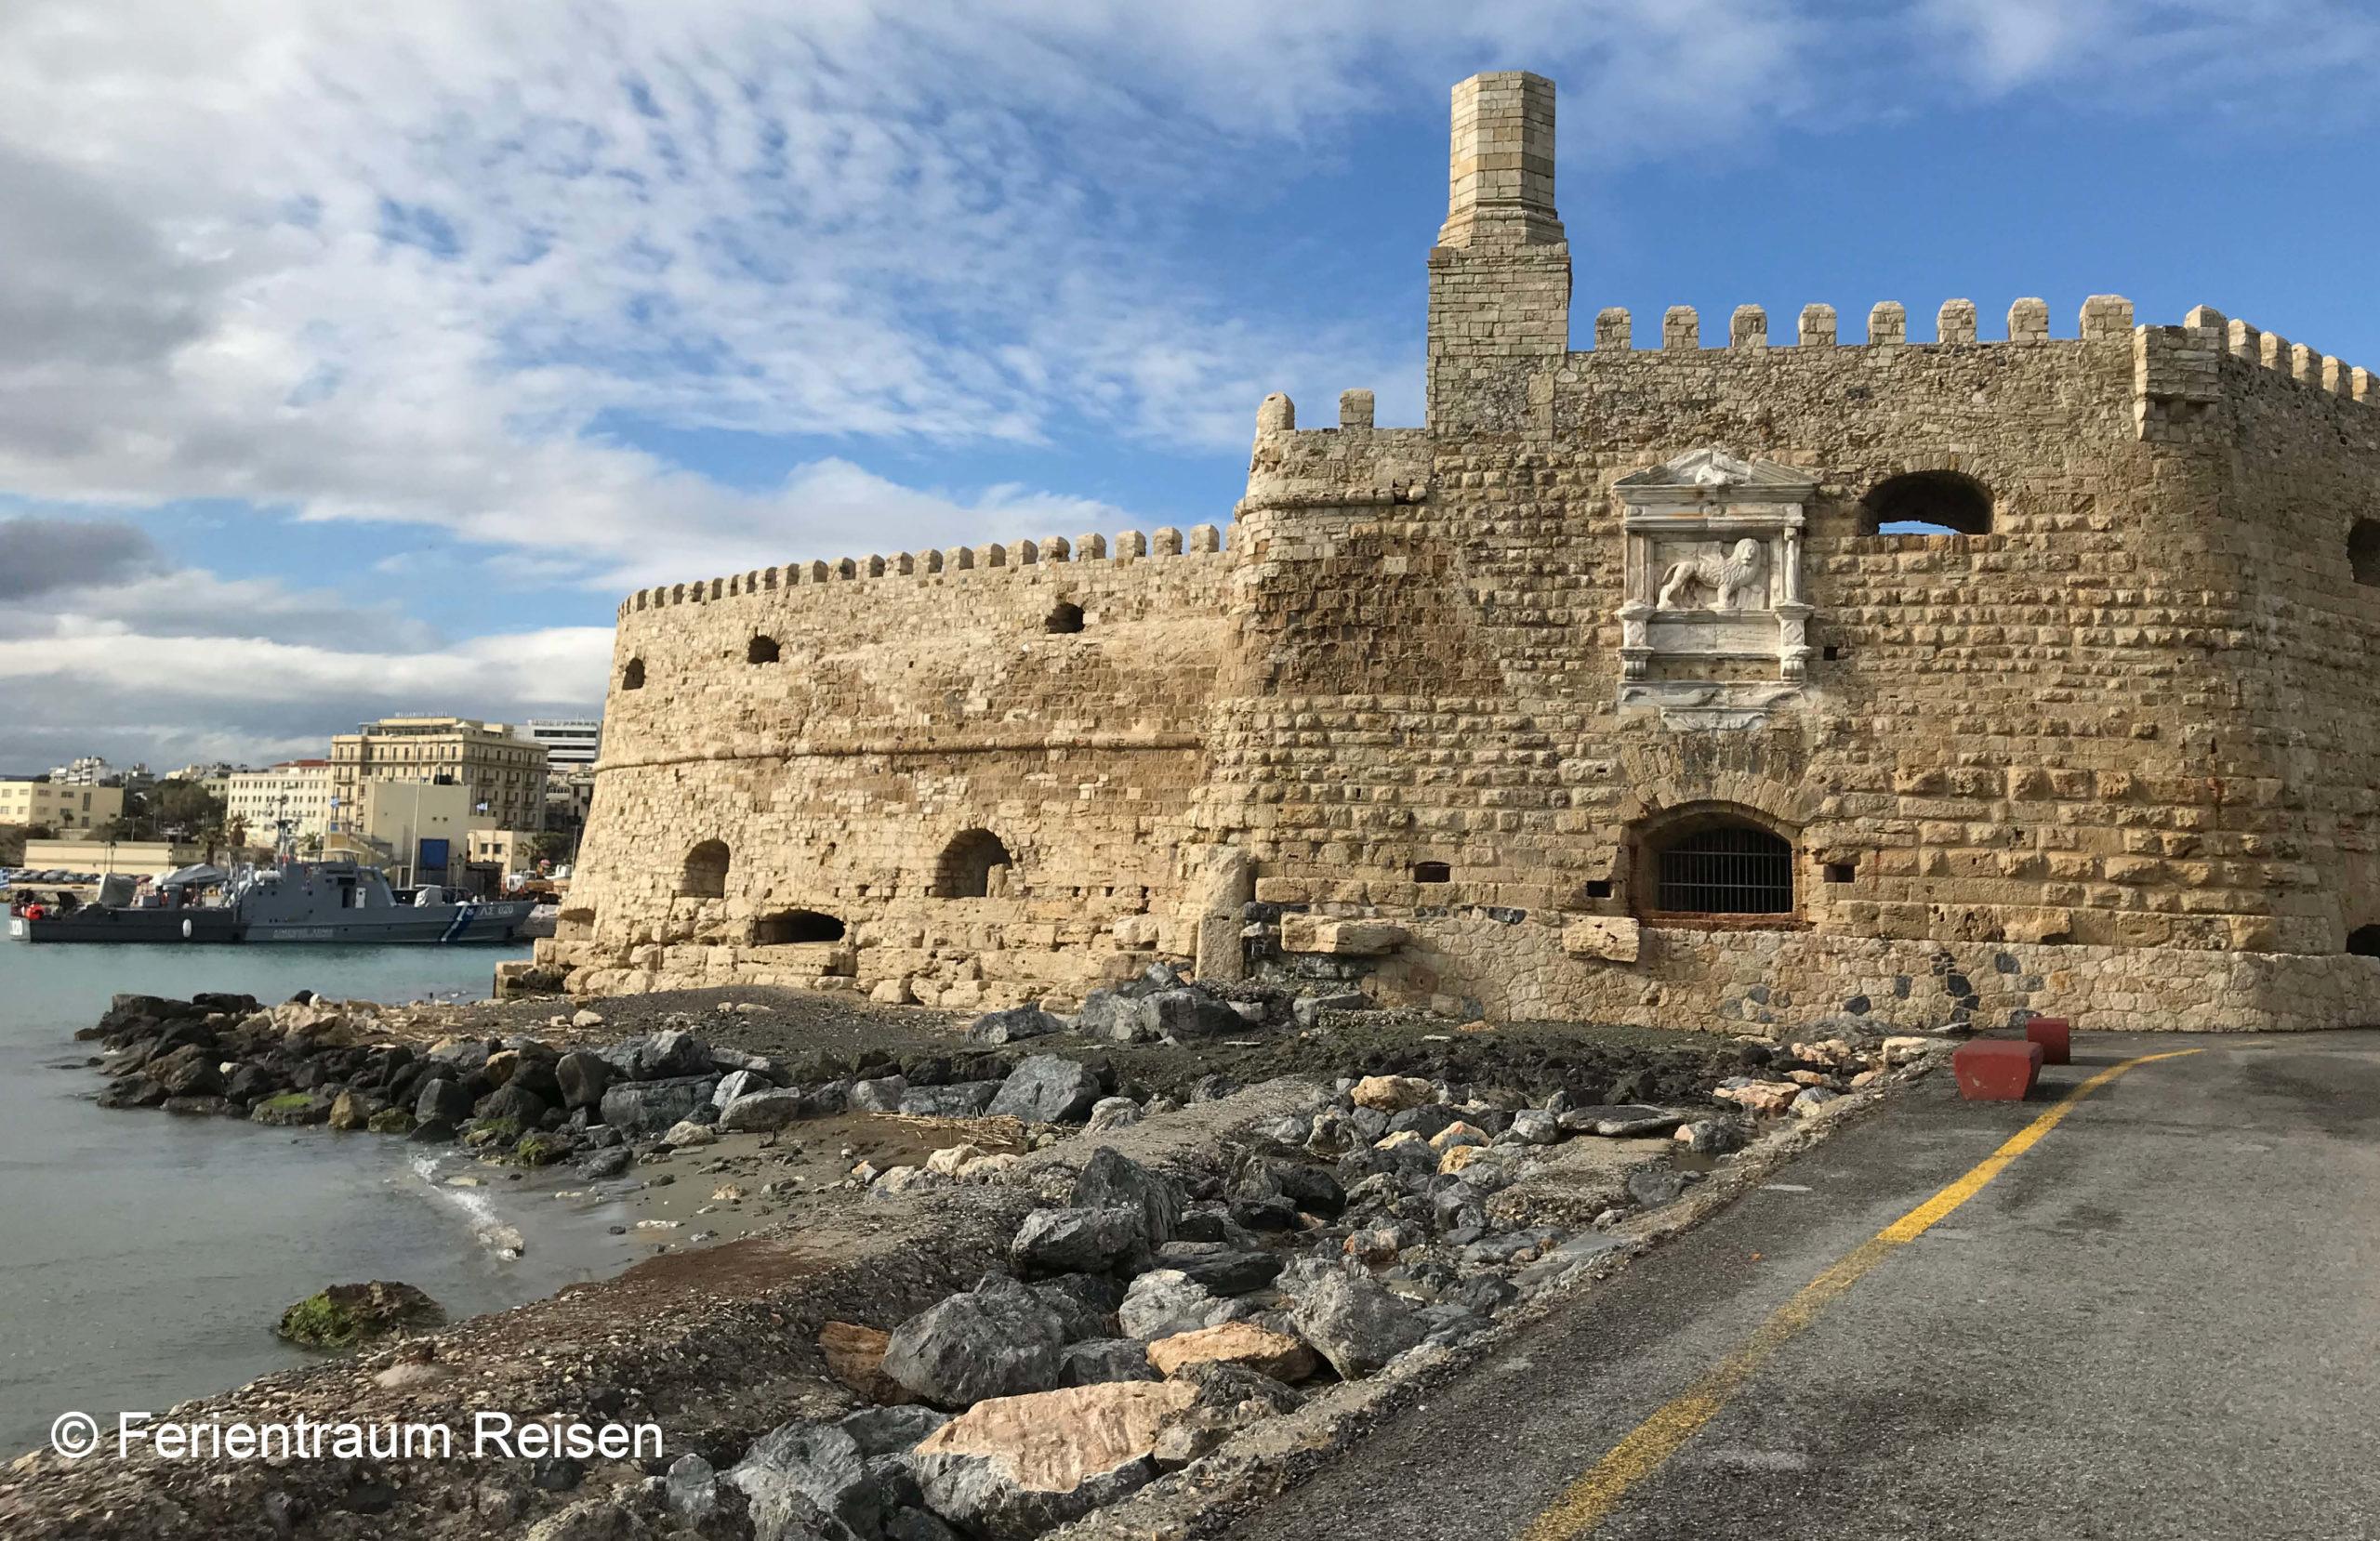 Ferientraum Reisen Kreta Hafen Iraklio